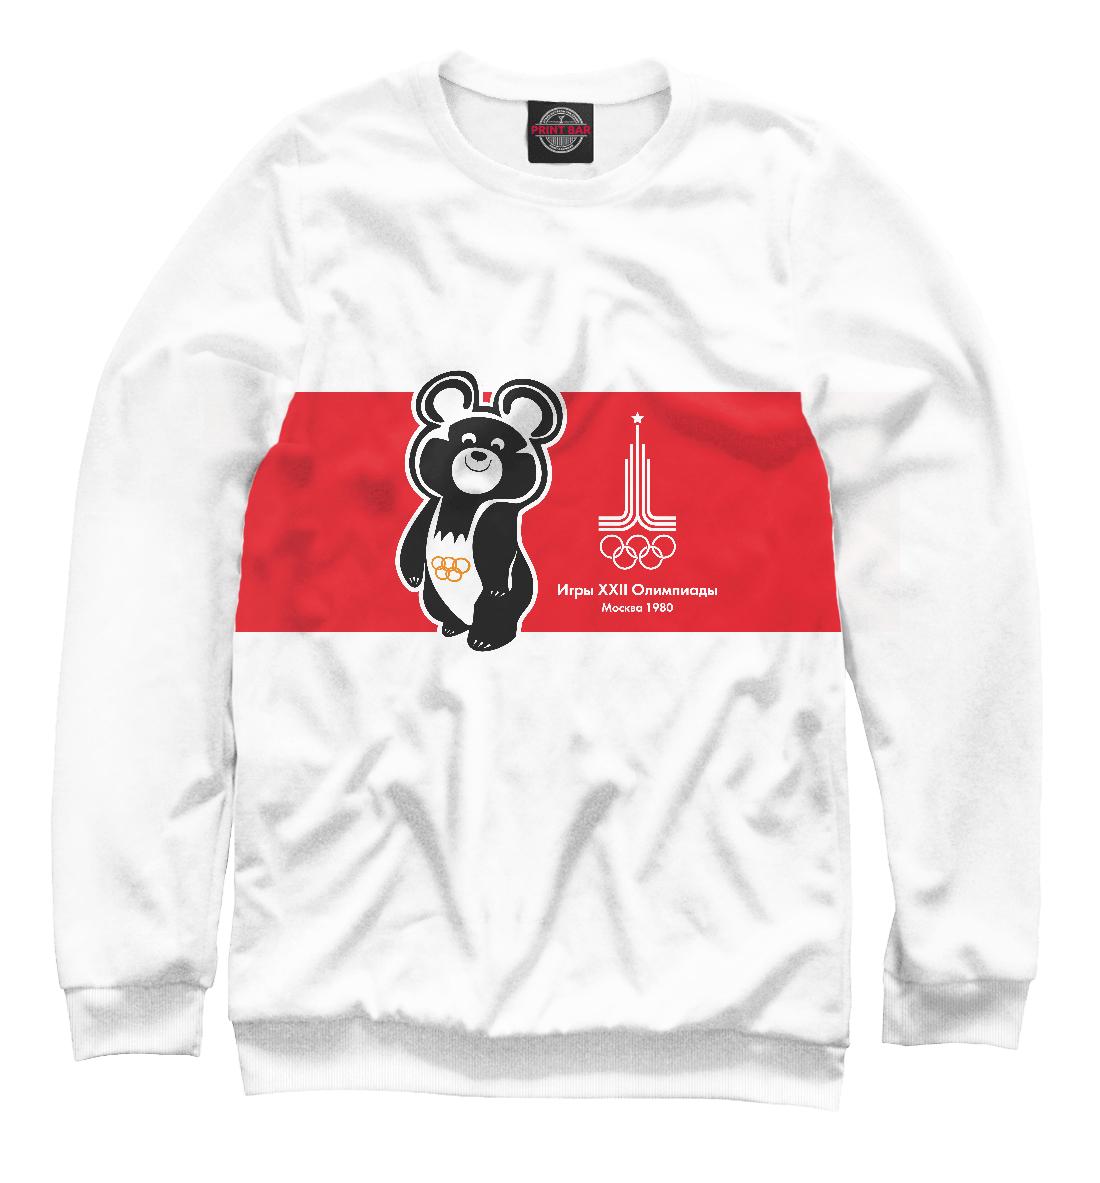 Купить Олимпийский мишка и лого олимпиады 1980 года в Москве, Printbar, Свитшоты, SSS-977911-swi-2